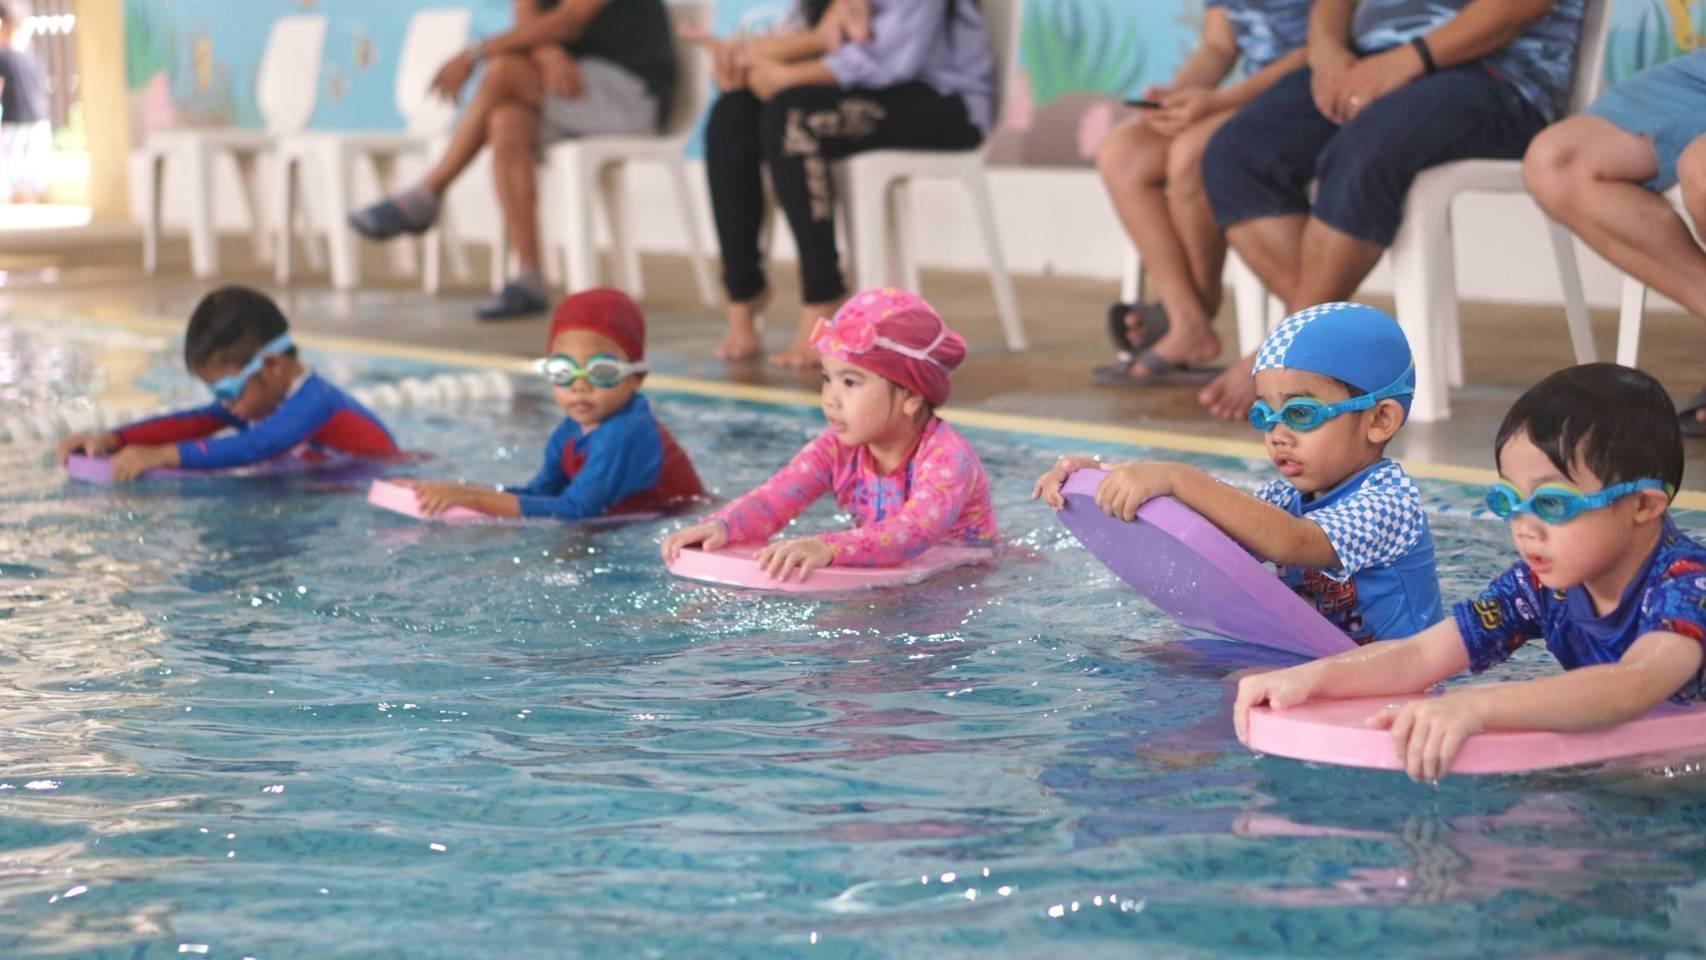 เรียนว่ายเด็ก ที่ไหนดี